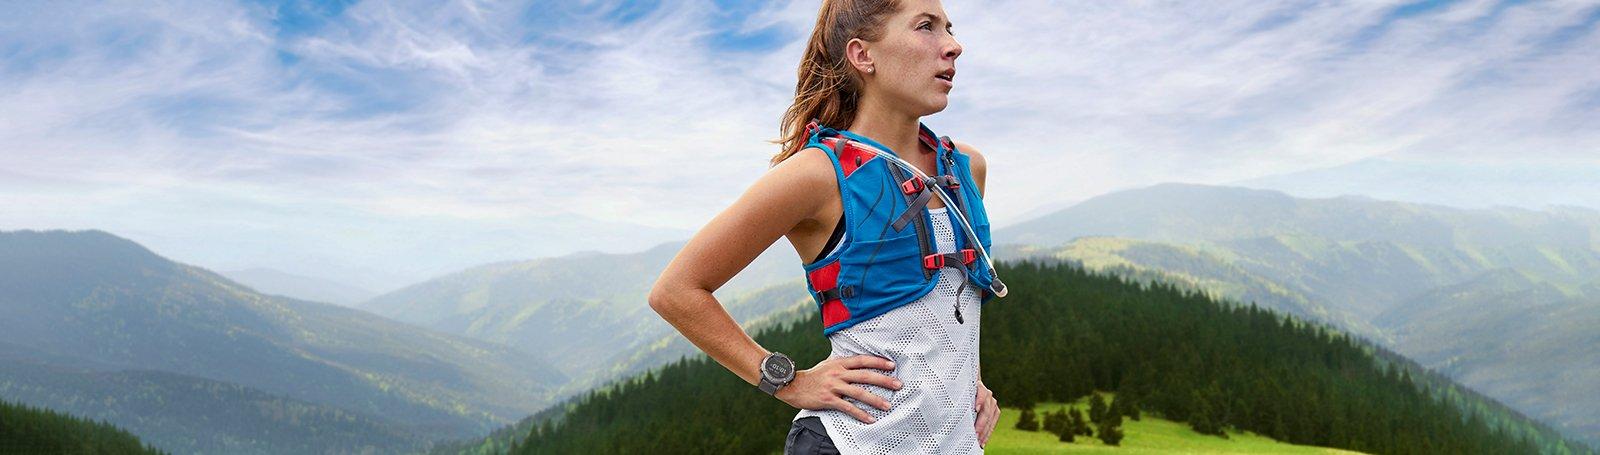 Garmin launch new watch for long-distance running